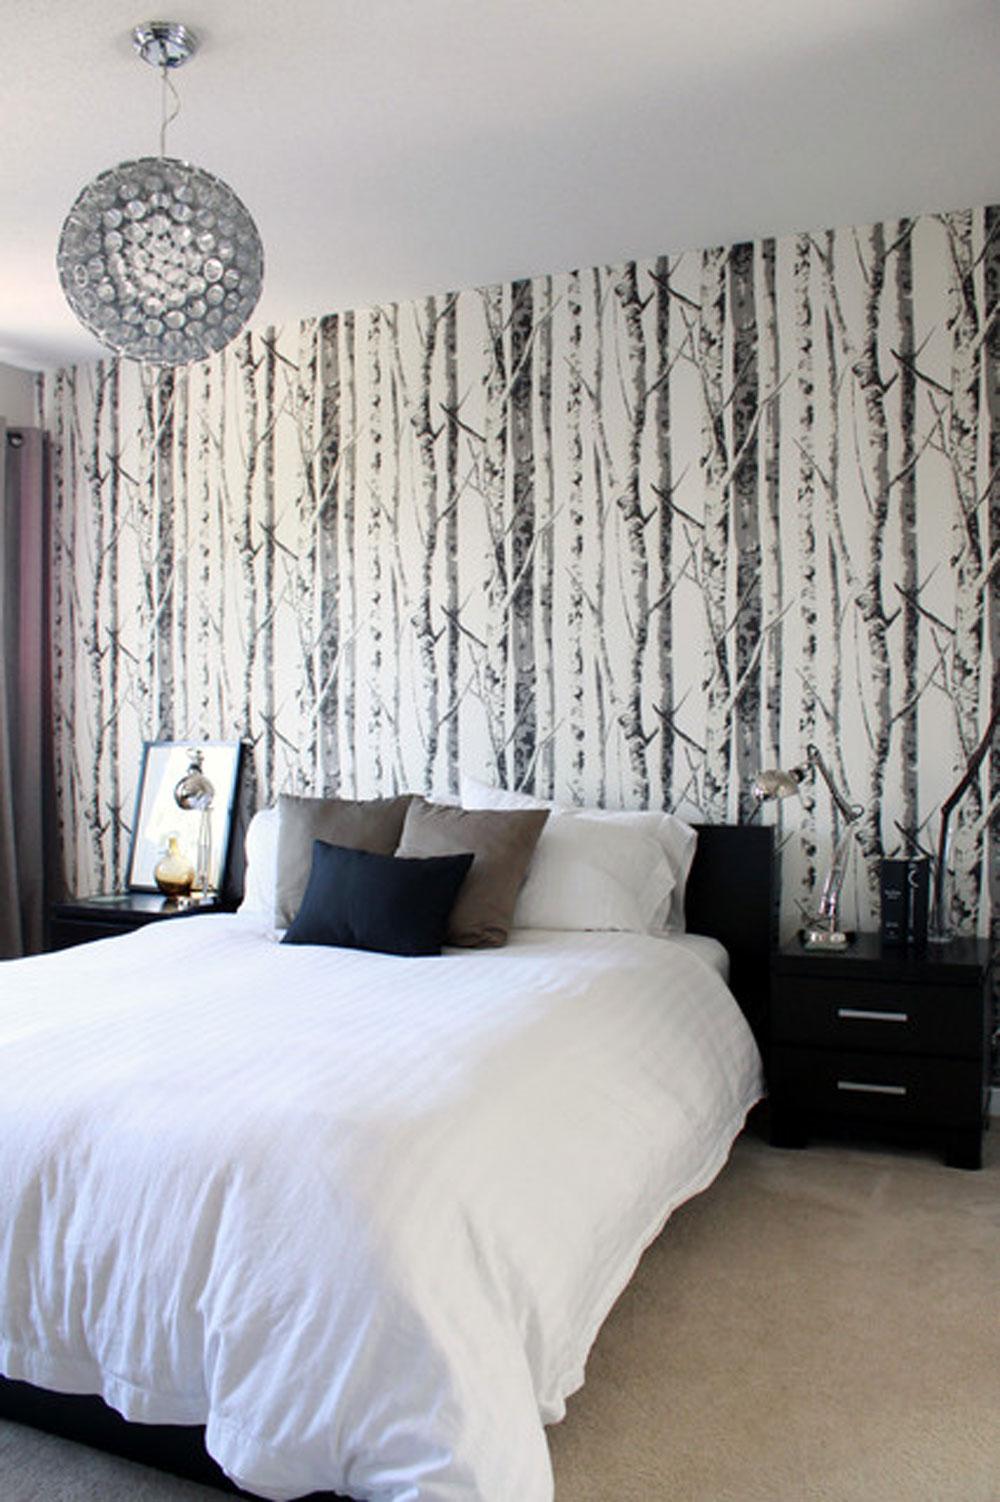 Dekorera och lägga till färg till rum med vita väggar 15-1 Dekorera och lägga till färg till rum med vita väggar